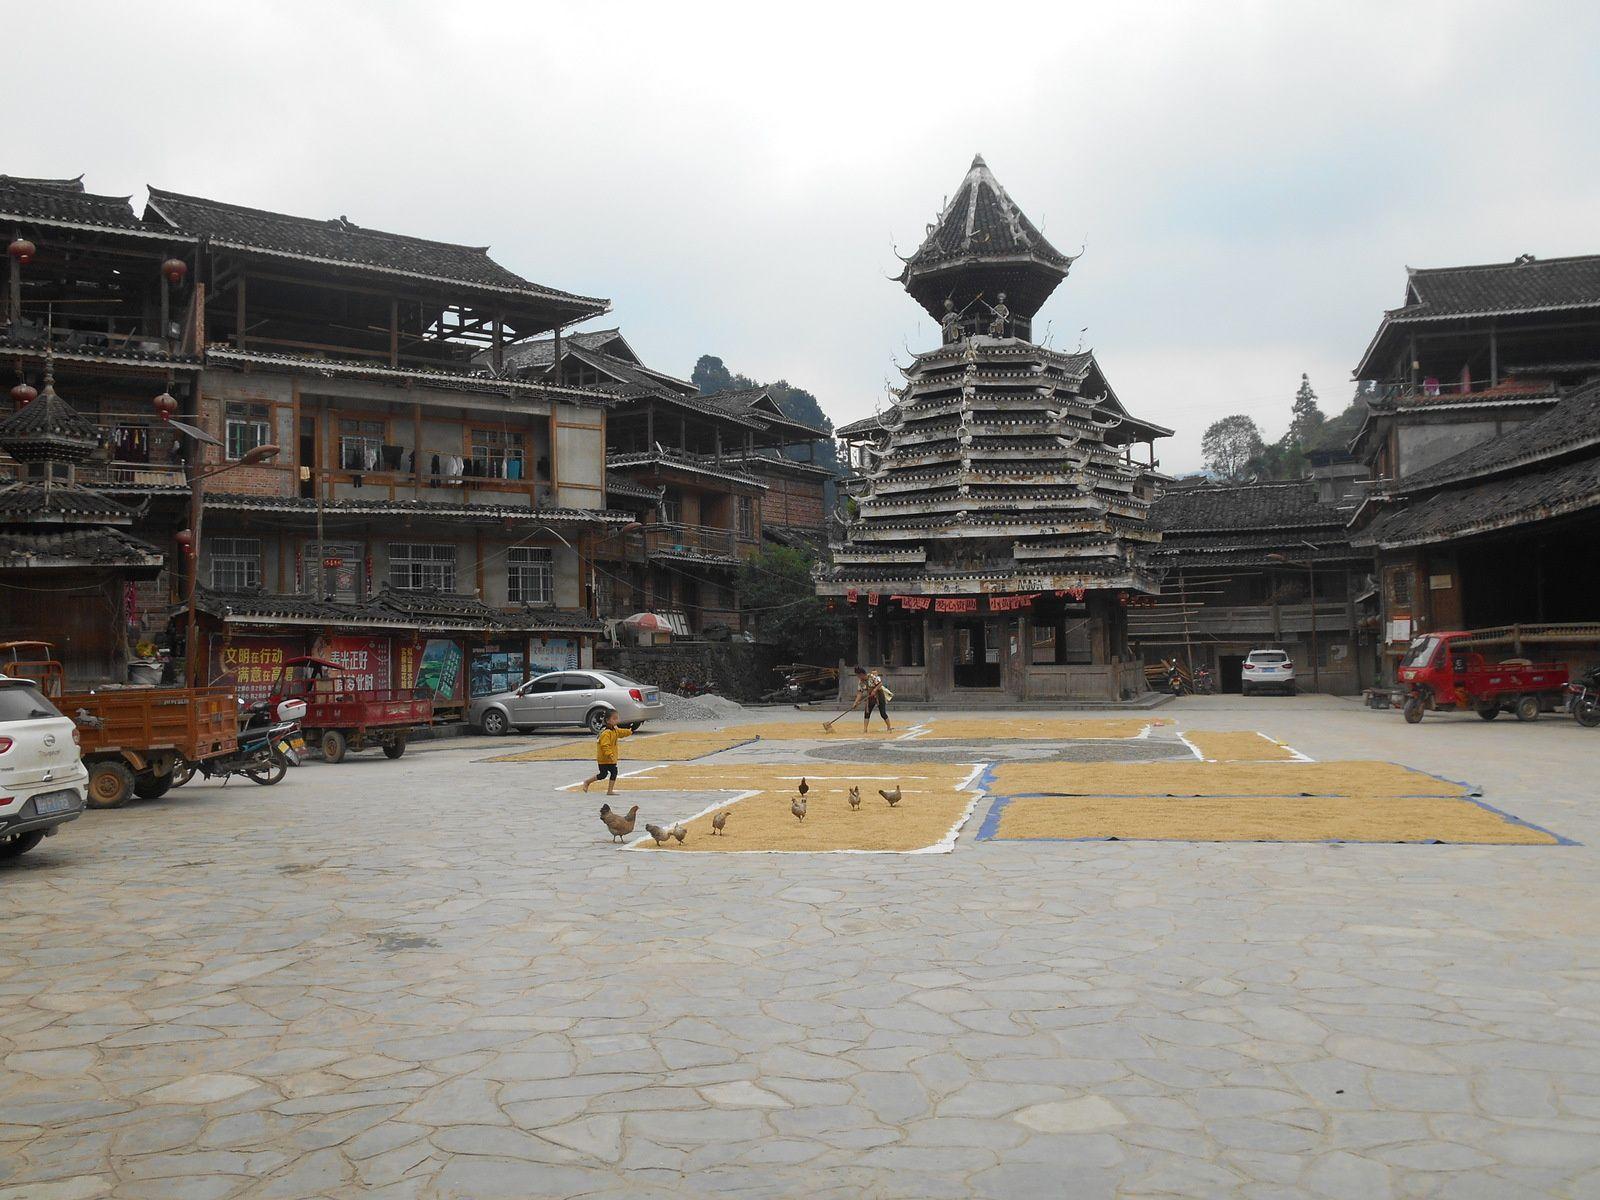 La place centrale sert de lieu de séchage du riz...Les enfants chassent les poules.